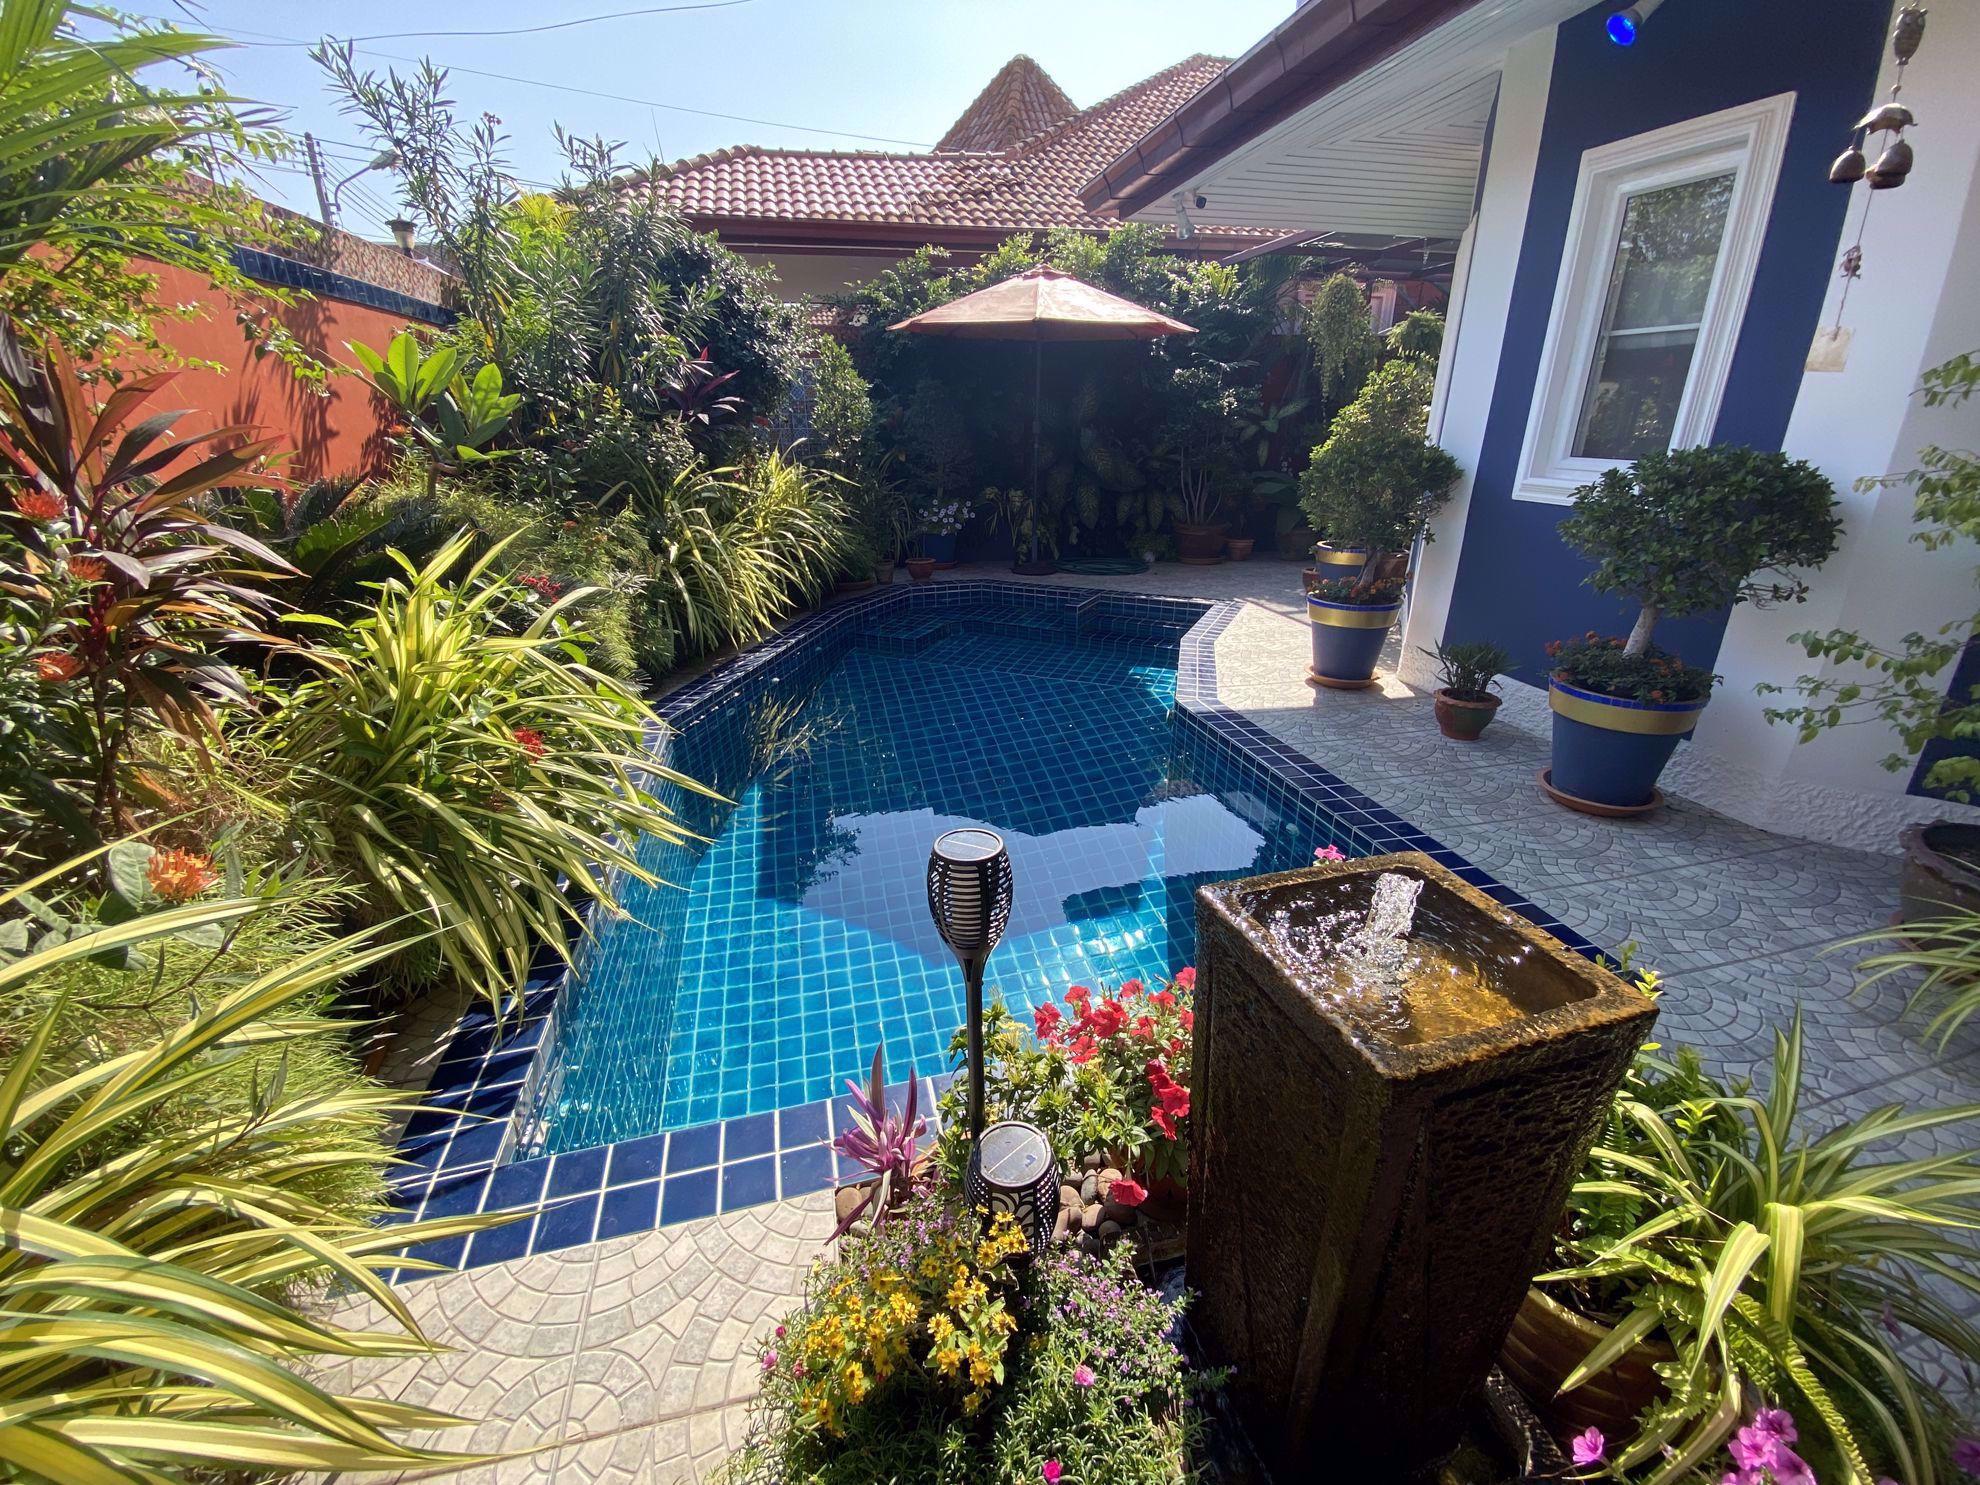 รูปภาพ 3 Bedrooms bed in House in Grand TW Home 2 in South Pattaya H008962